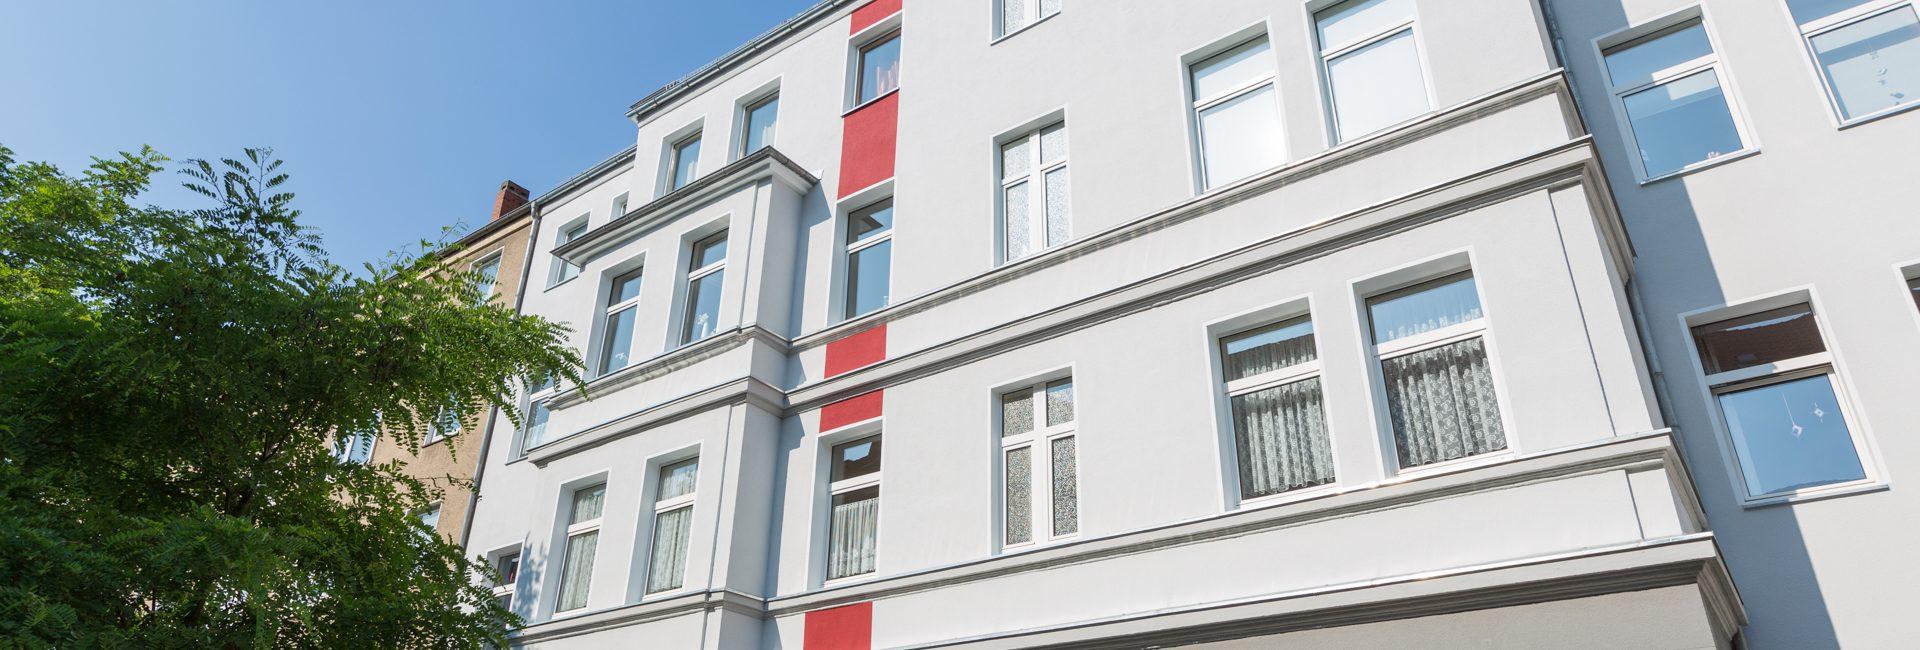 Fassade sanieren streichen Stilfassade Hannover Keim Farben in Hannover Wülferode